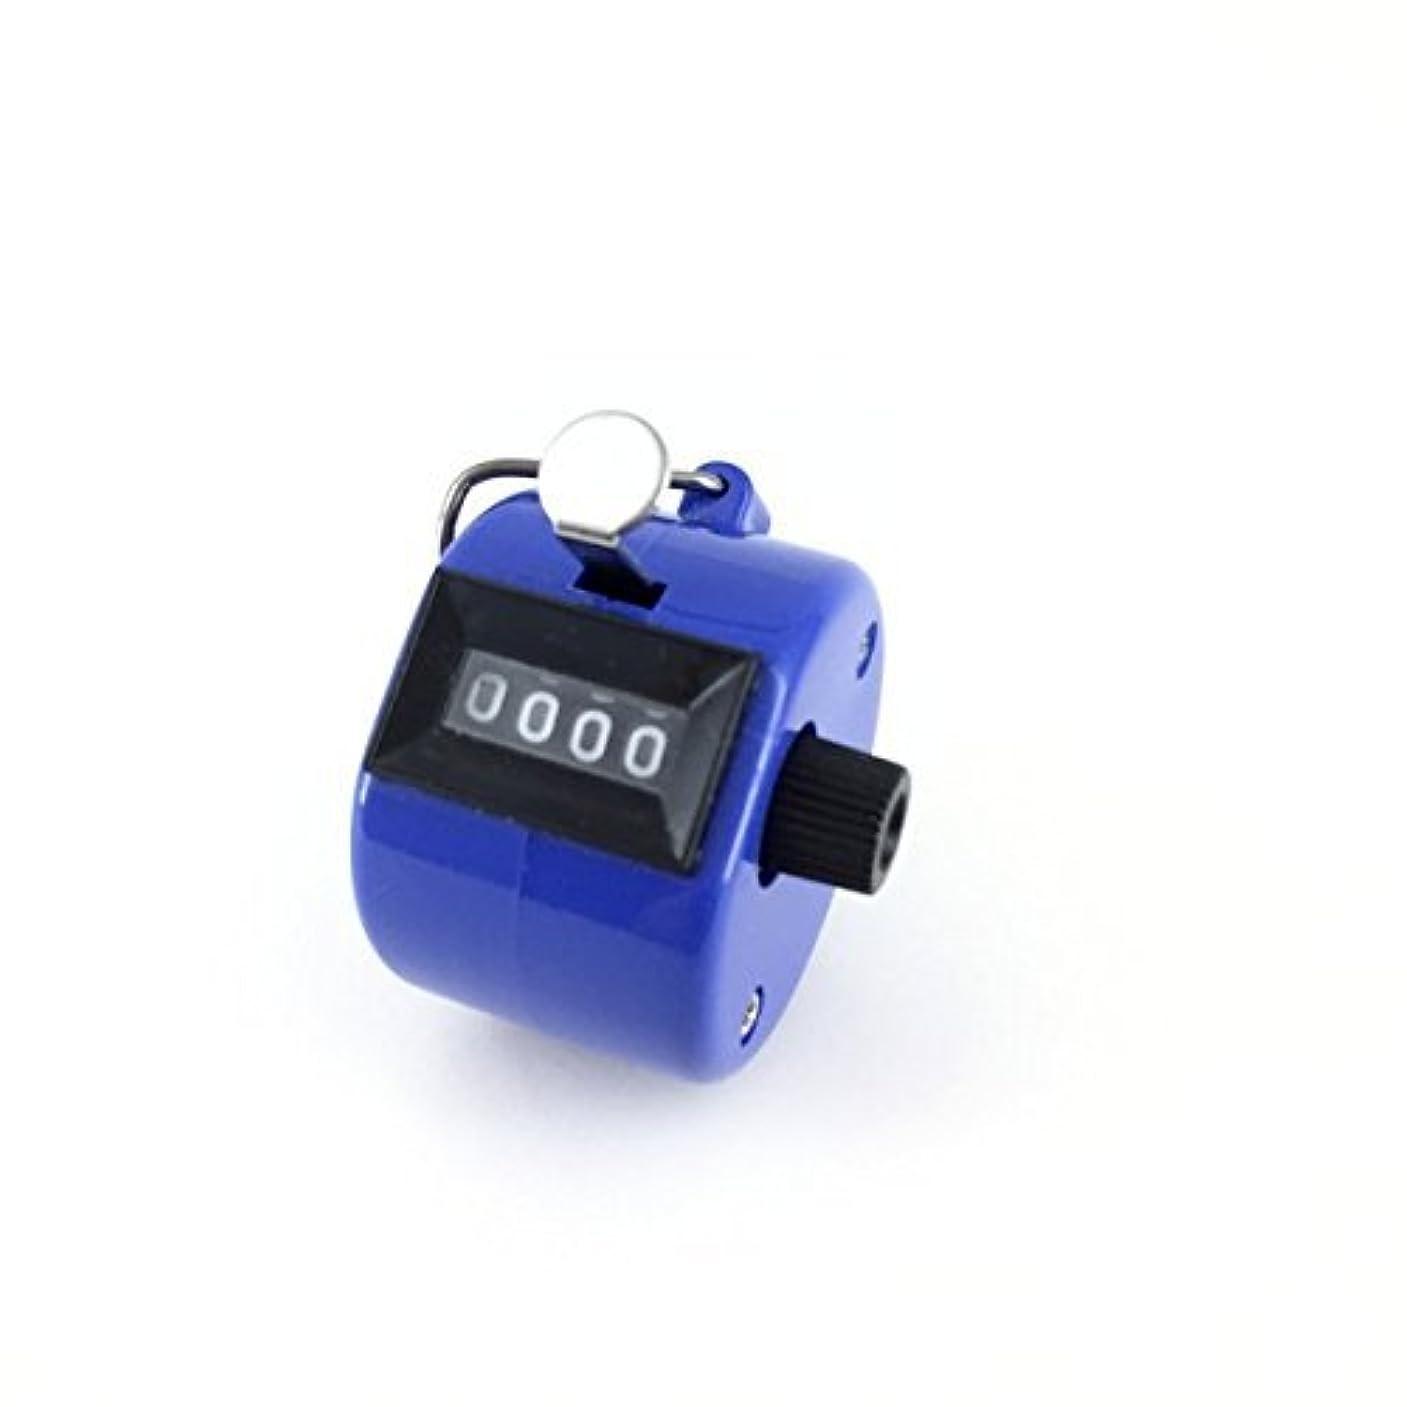 グッゲンハイム美術館飼い慣らす達成エクステカウンター 手持ちホルダー付き 数取器 まつげエクステ用品 カラー4色 (ブルー)